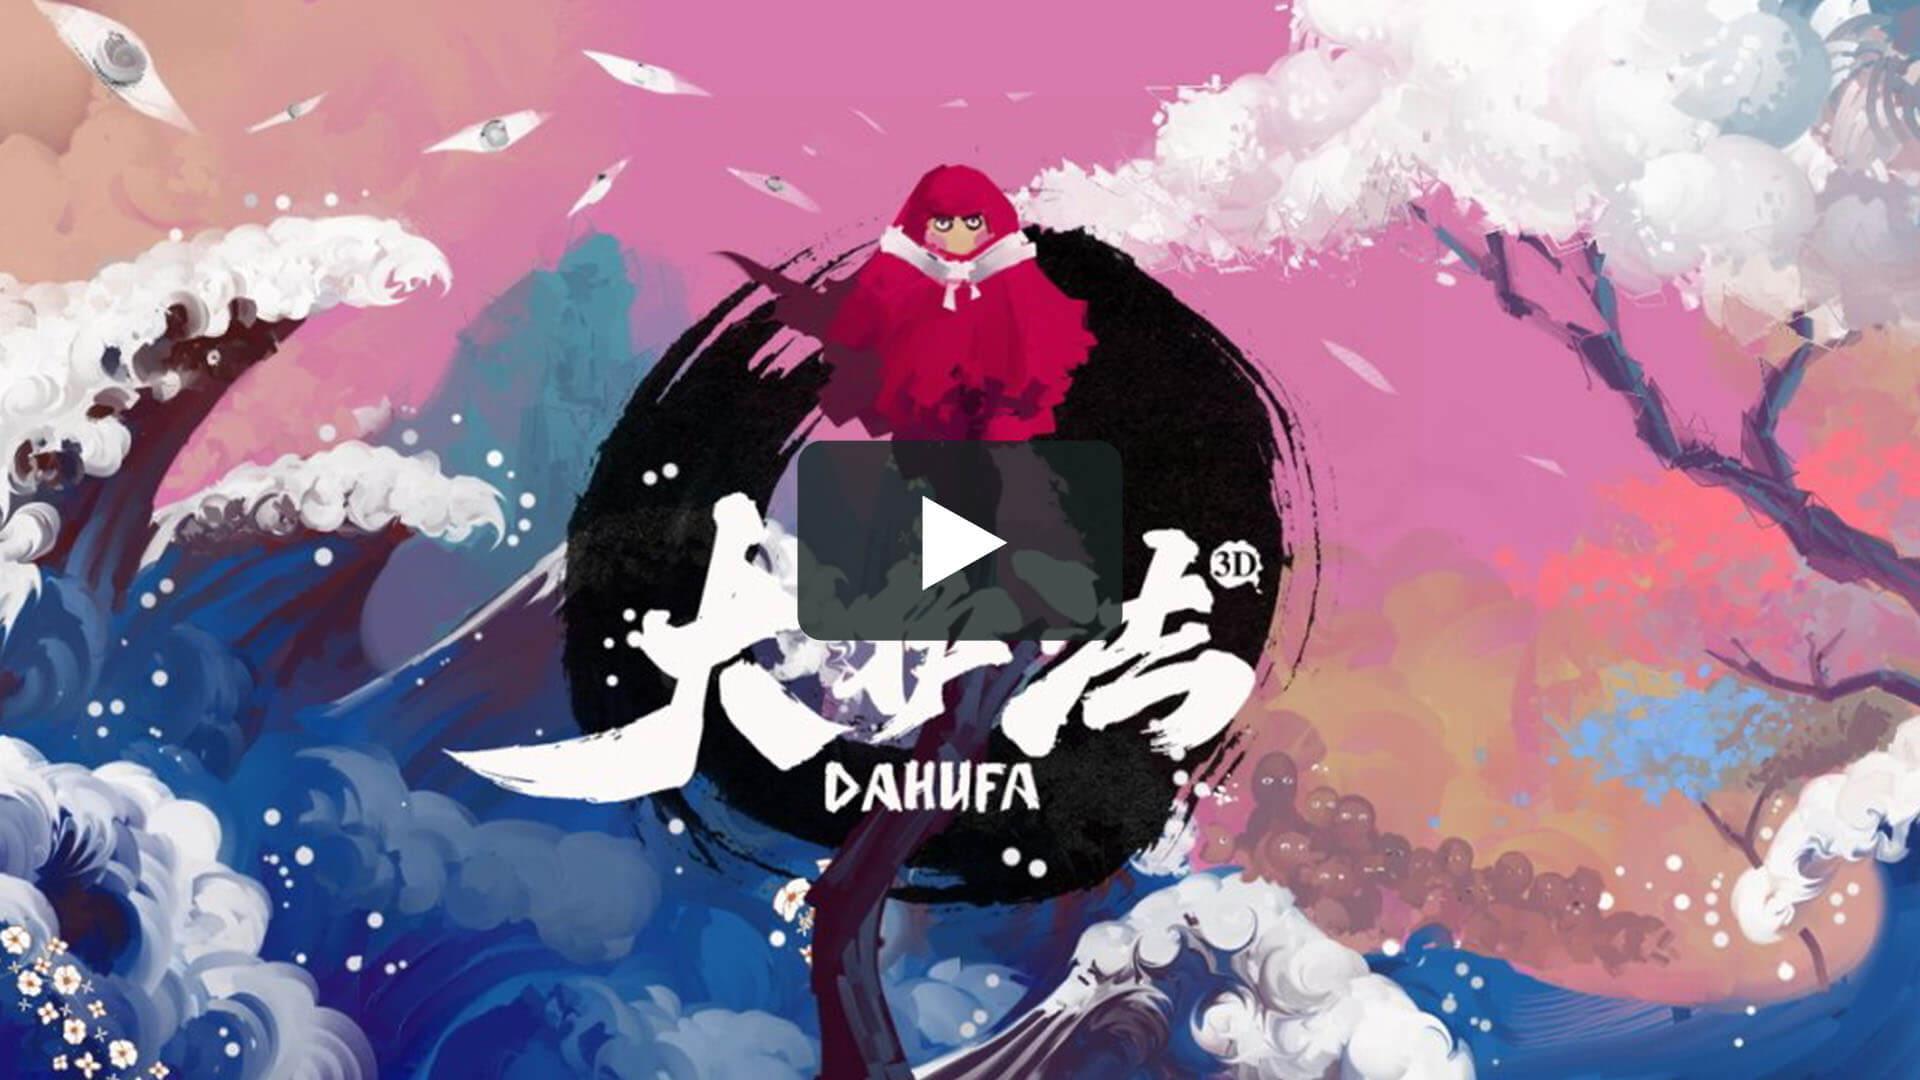 大護法-Dahufa